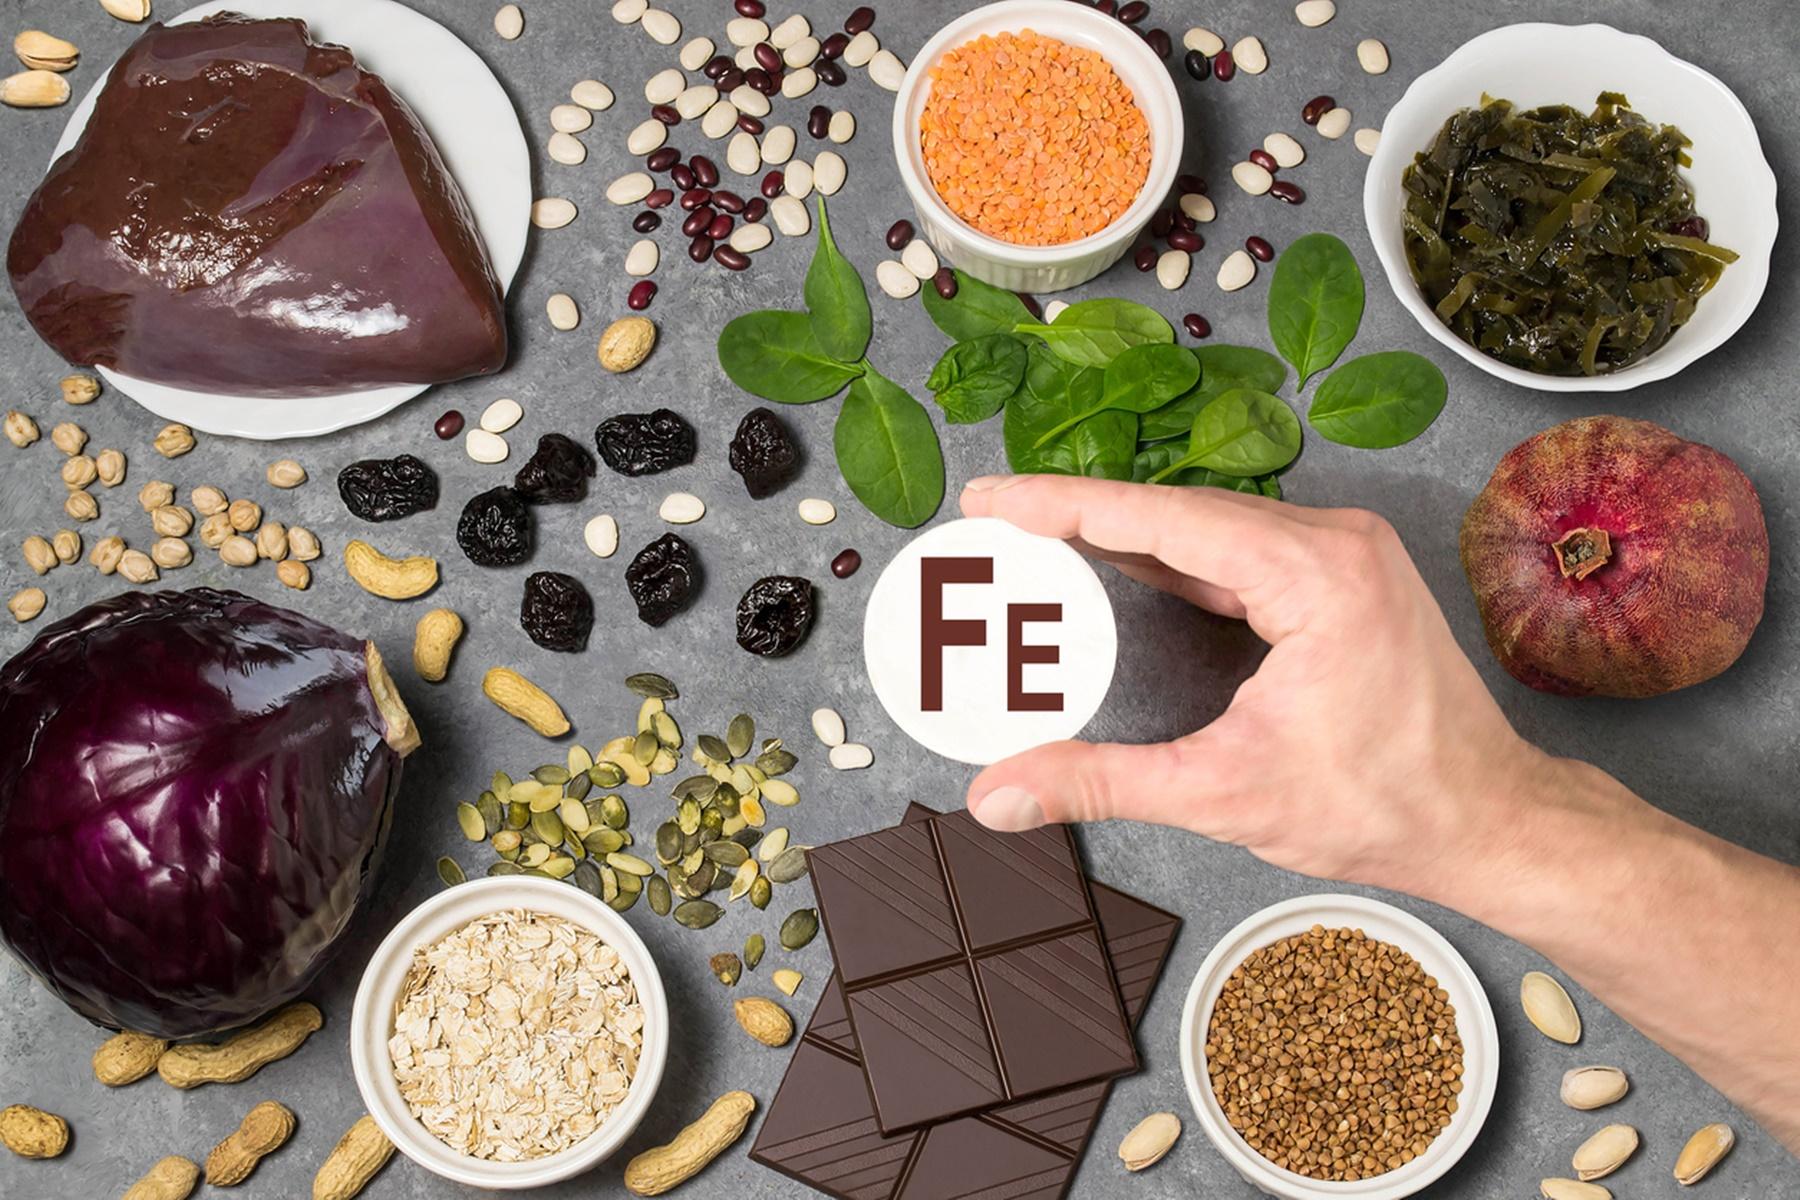 Διατροφή : Τρόφιμα πλούσια σε σίδηρο